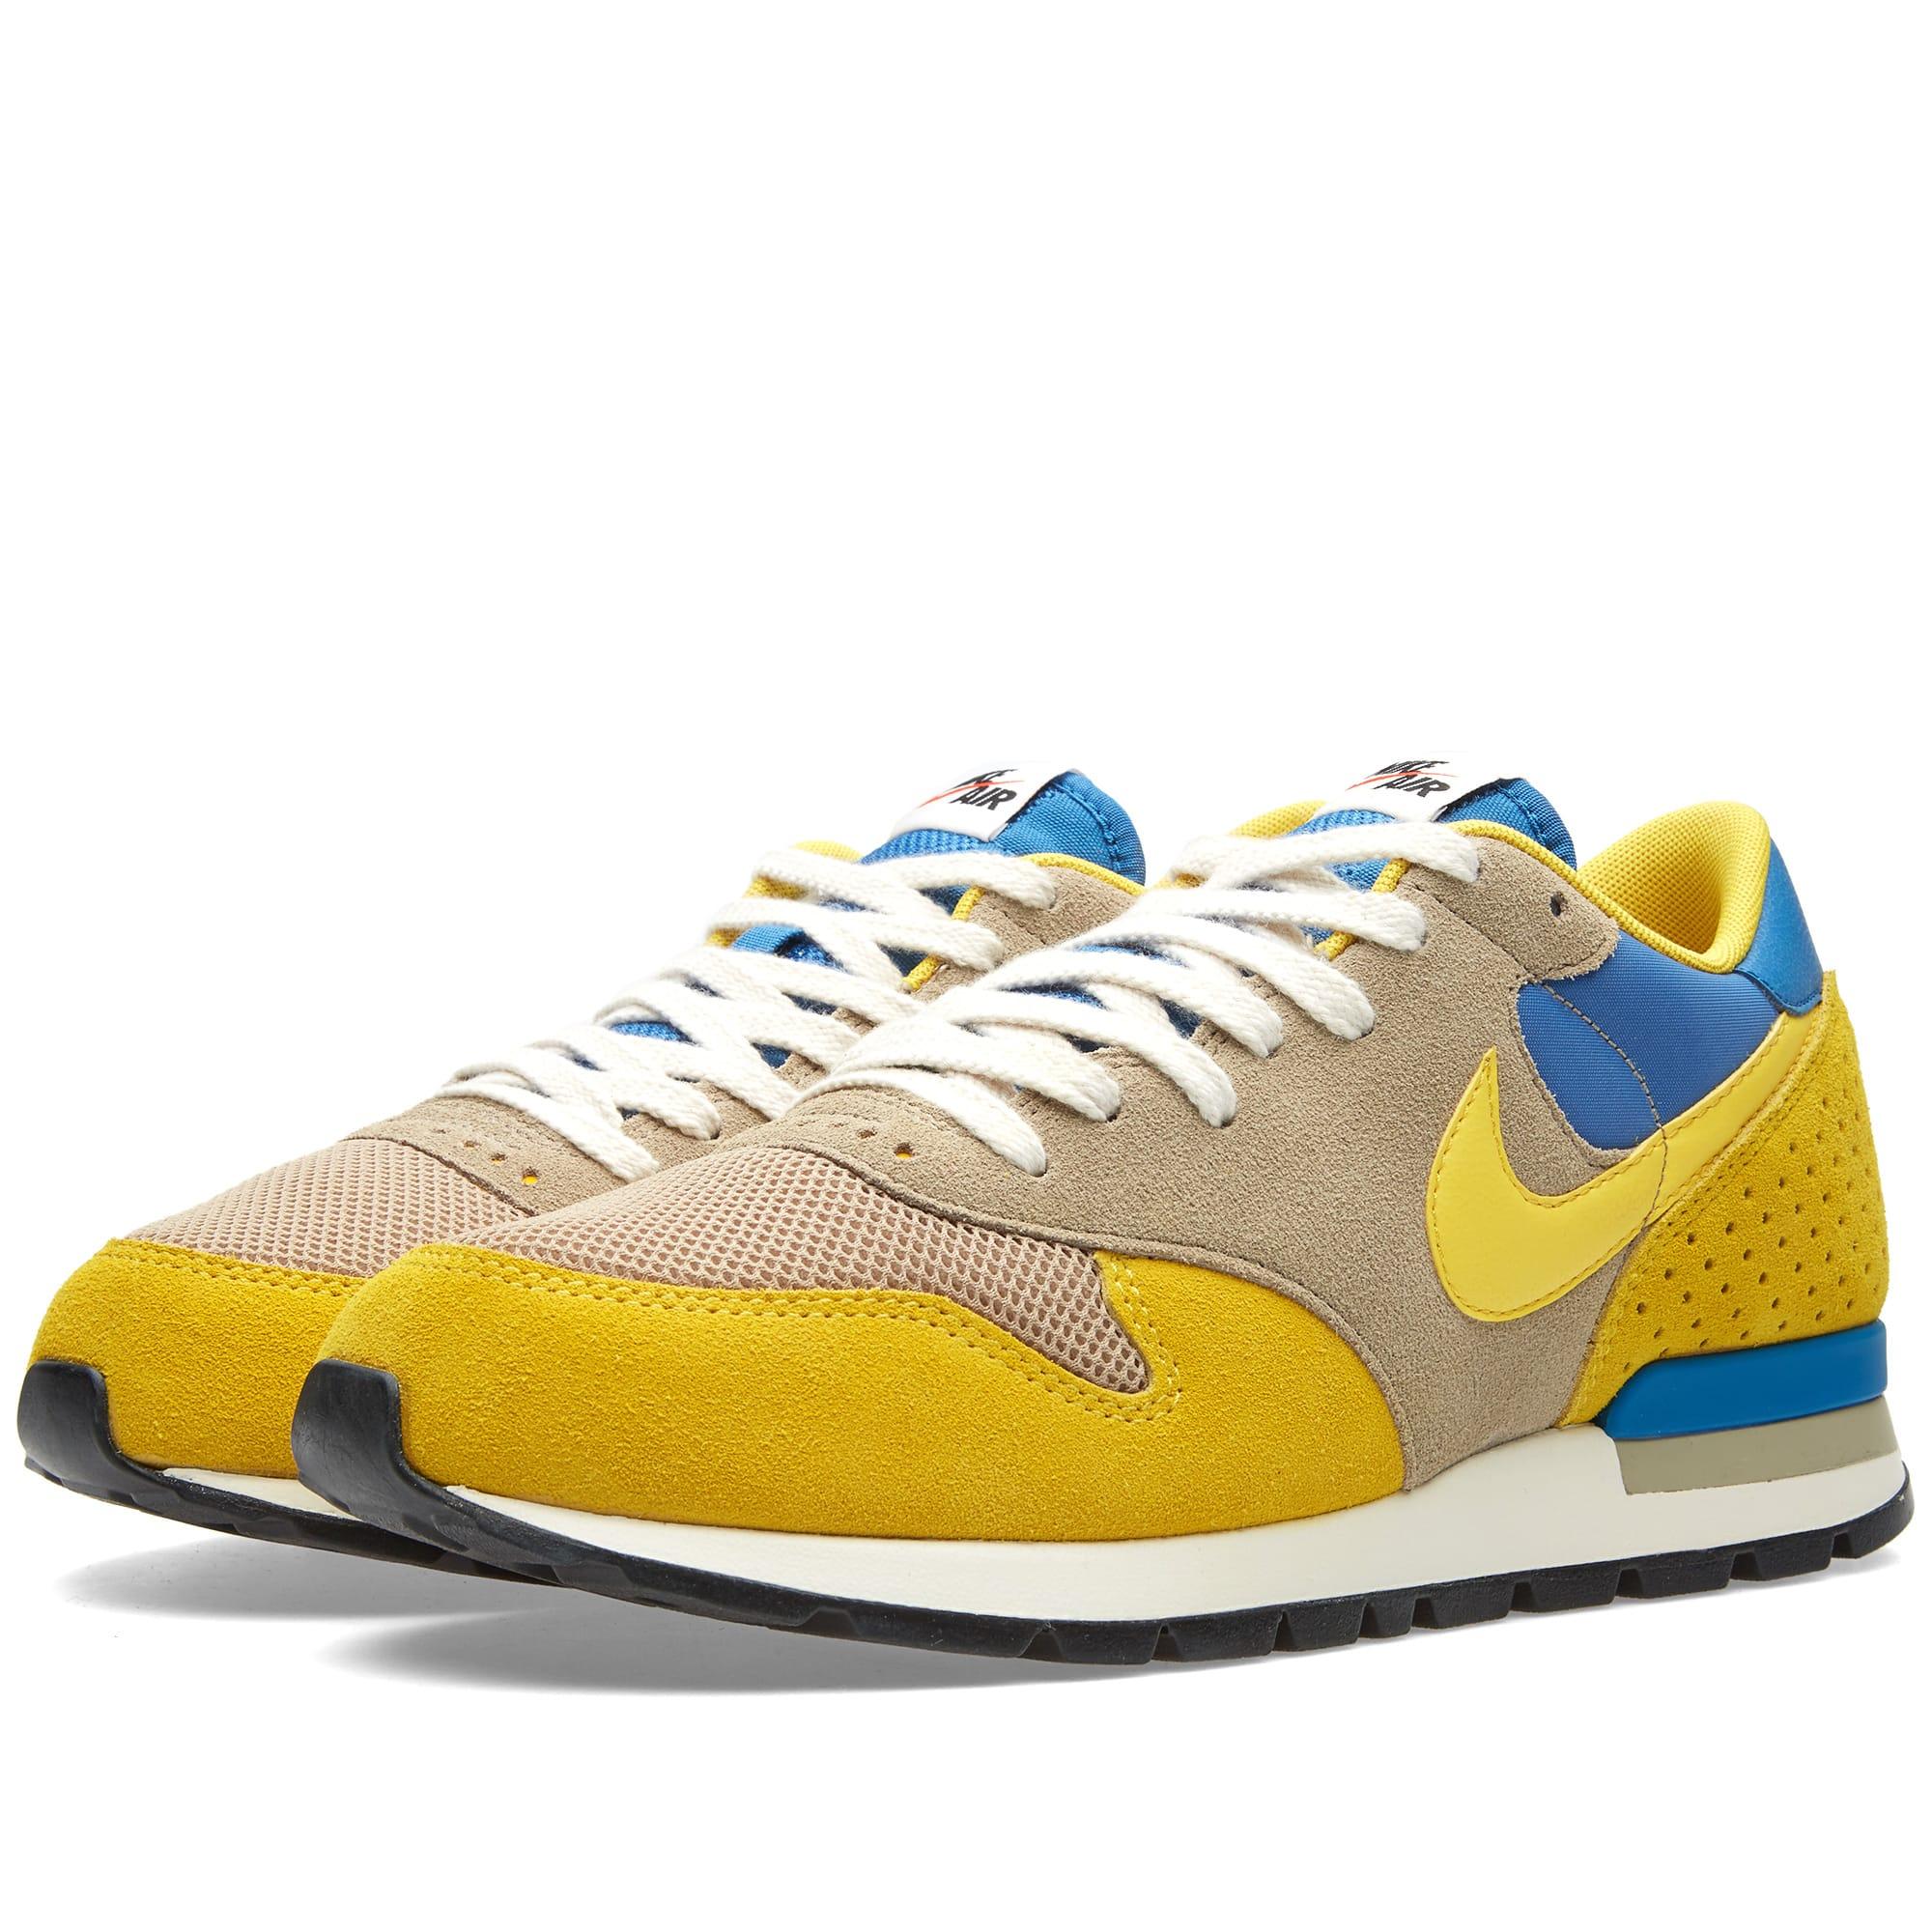 nouveau produit 4eae5 af326 Nike Air Epic QS